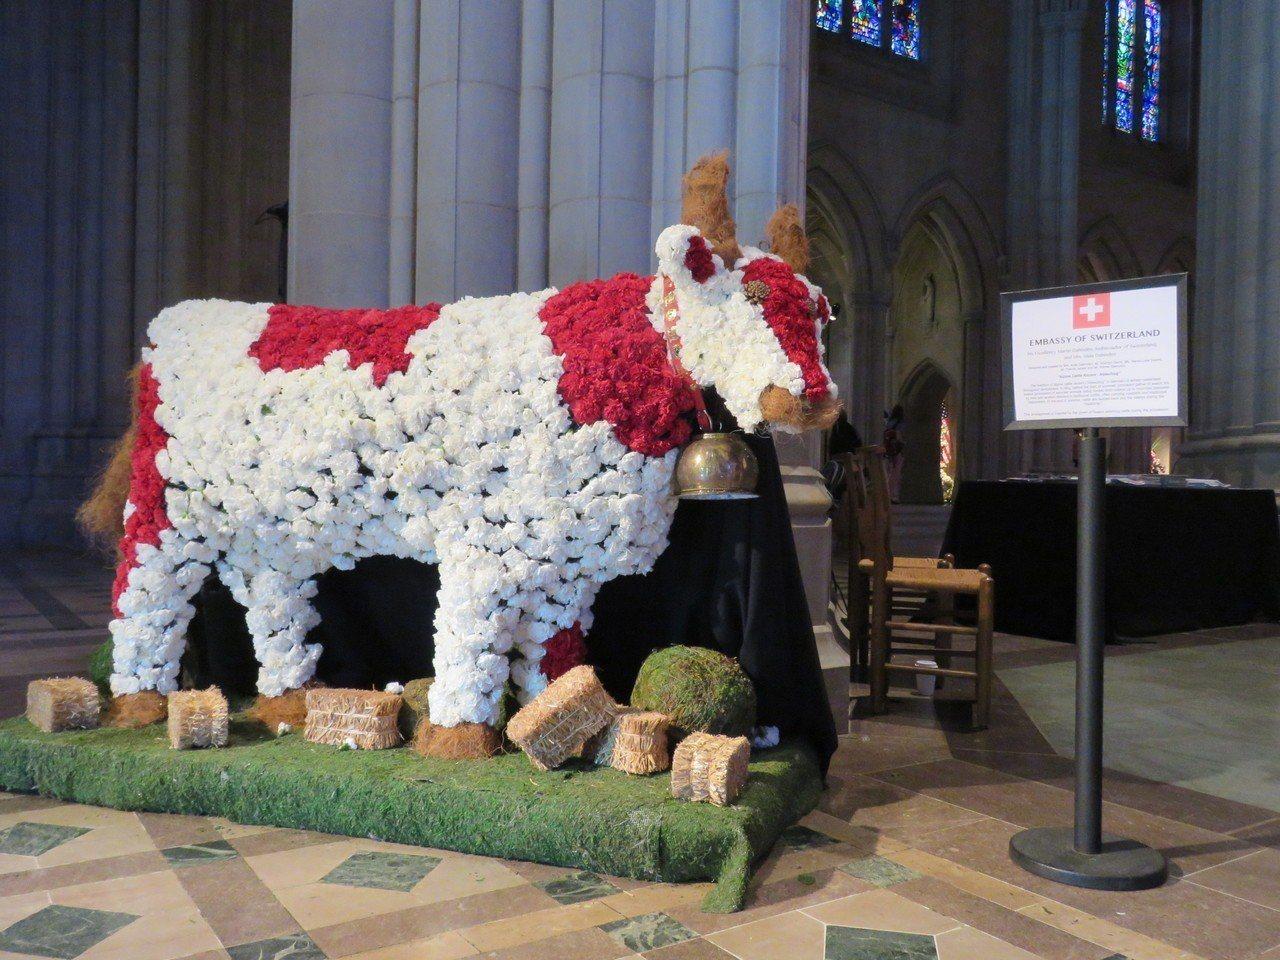 華府國家大教堂3日至4日舉辦花市活動,多國使館參加其中的國際花卉展。圖為瑞士參展...